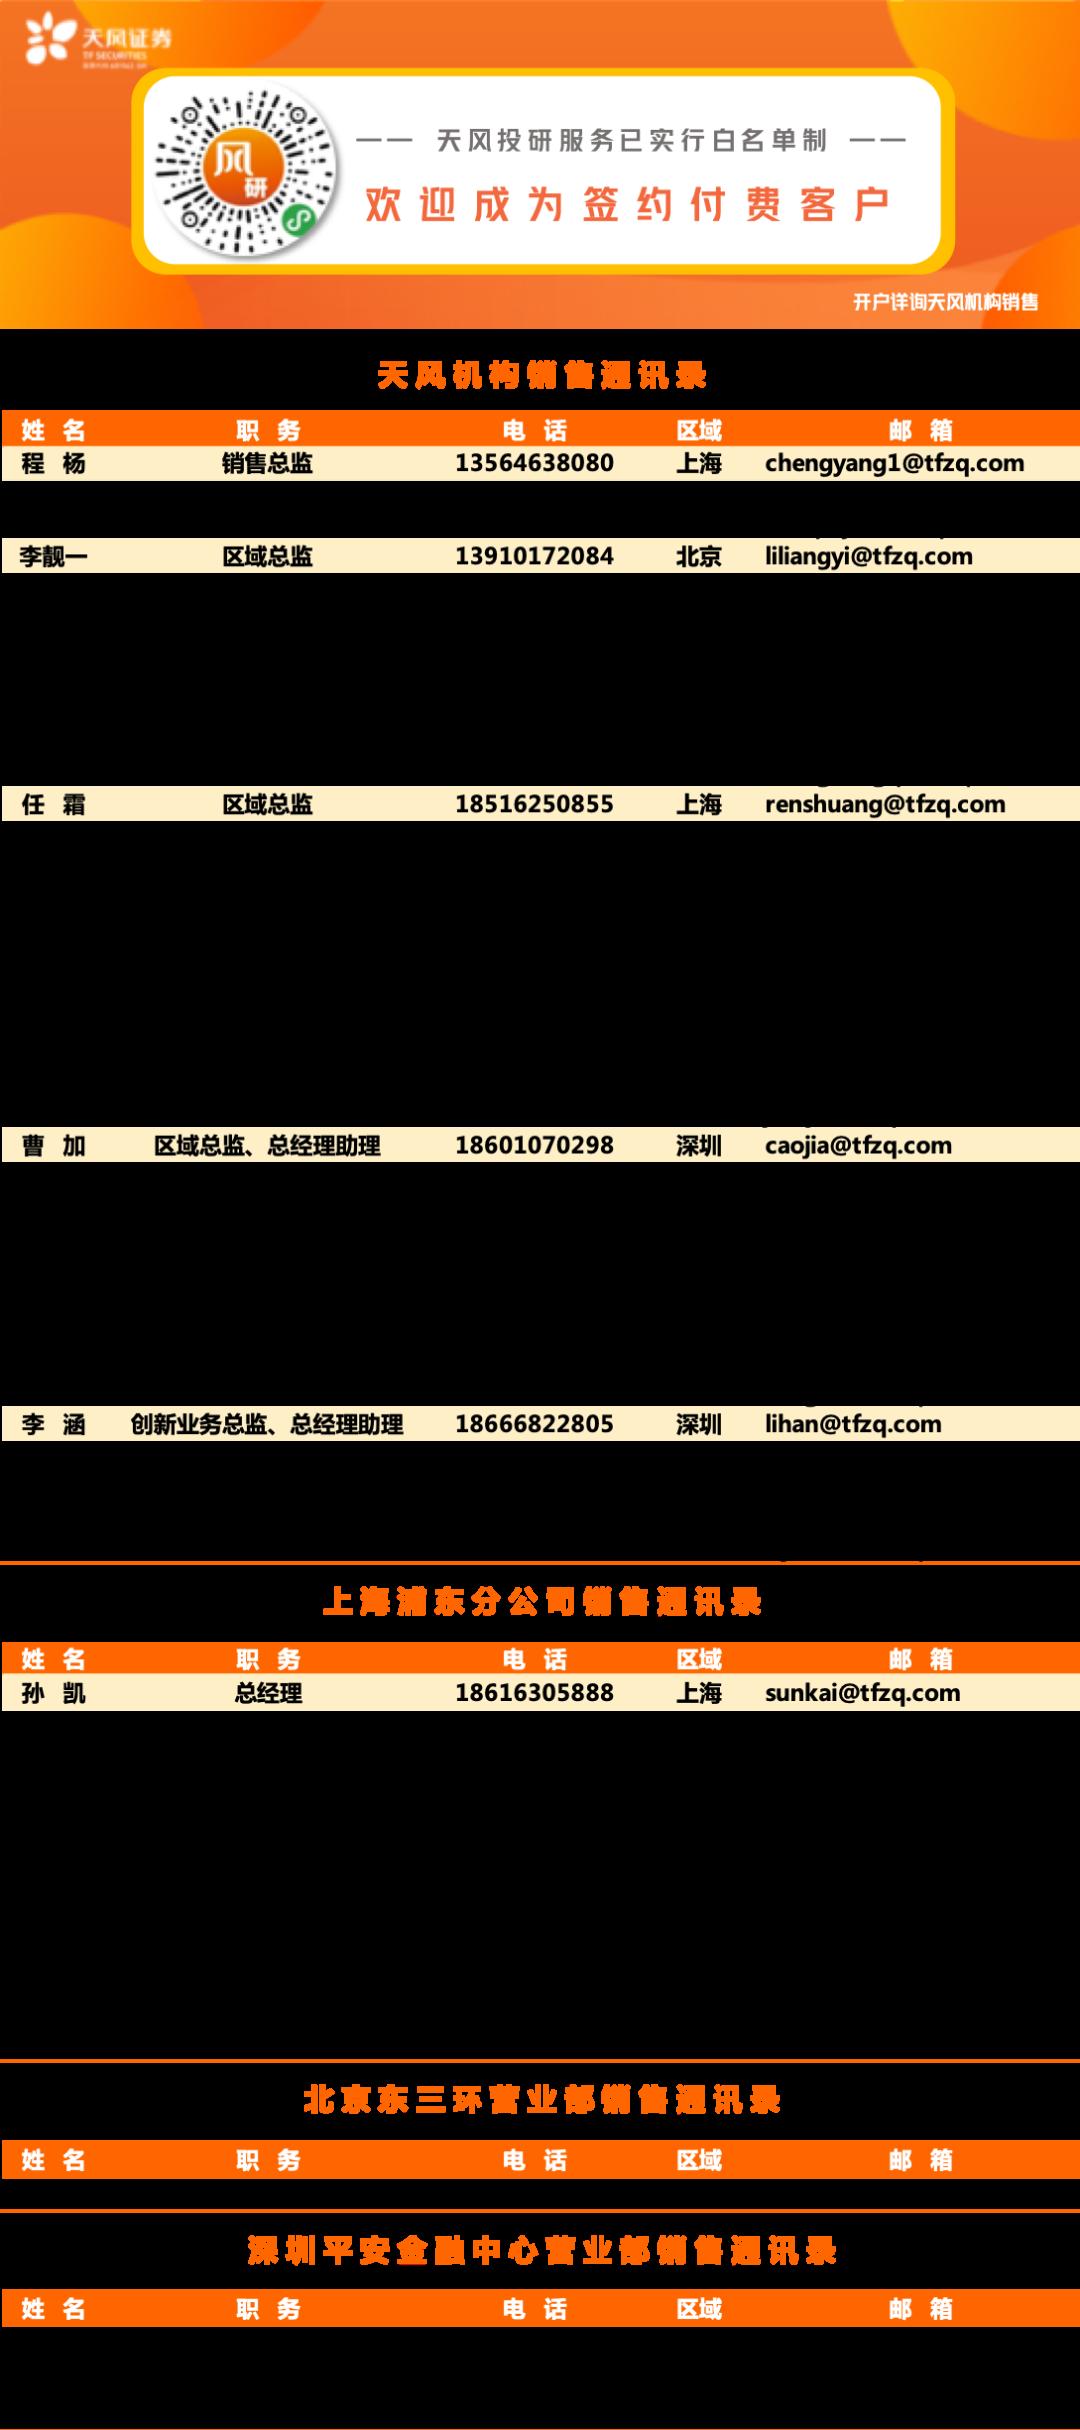 【汽车&计算机】多伦科技(603528)首次覆盖:智能化,推升主业;立新志,车检龙头